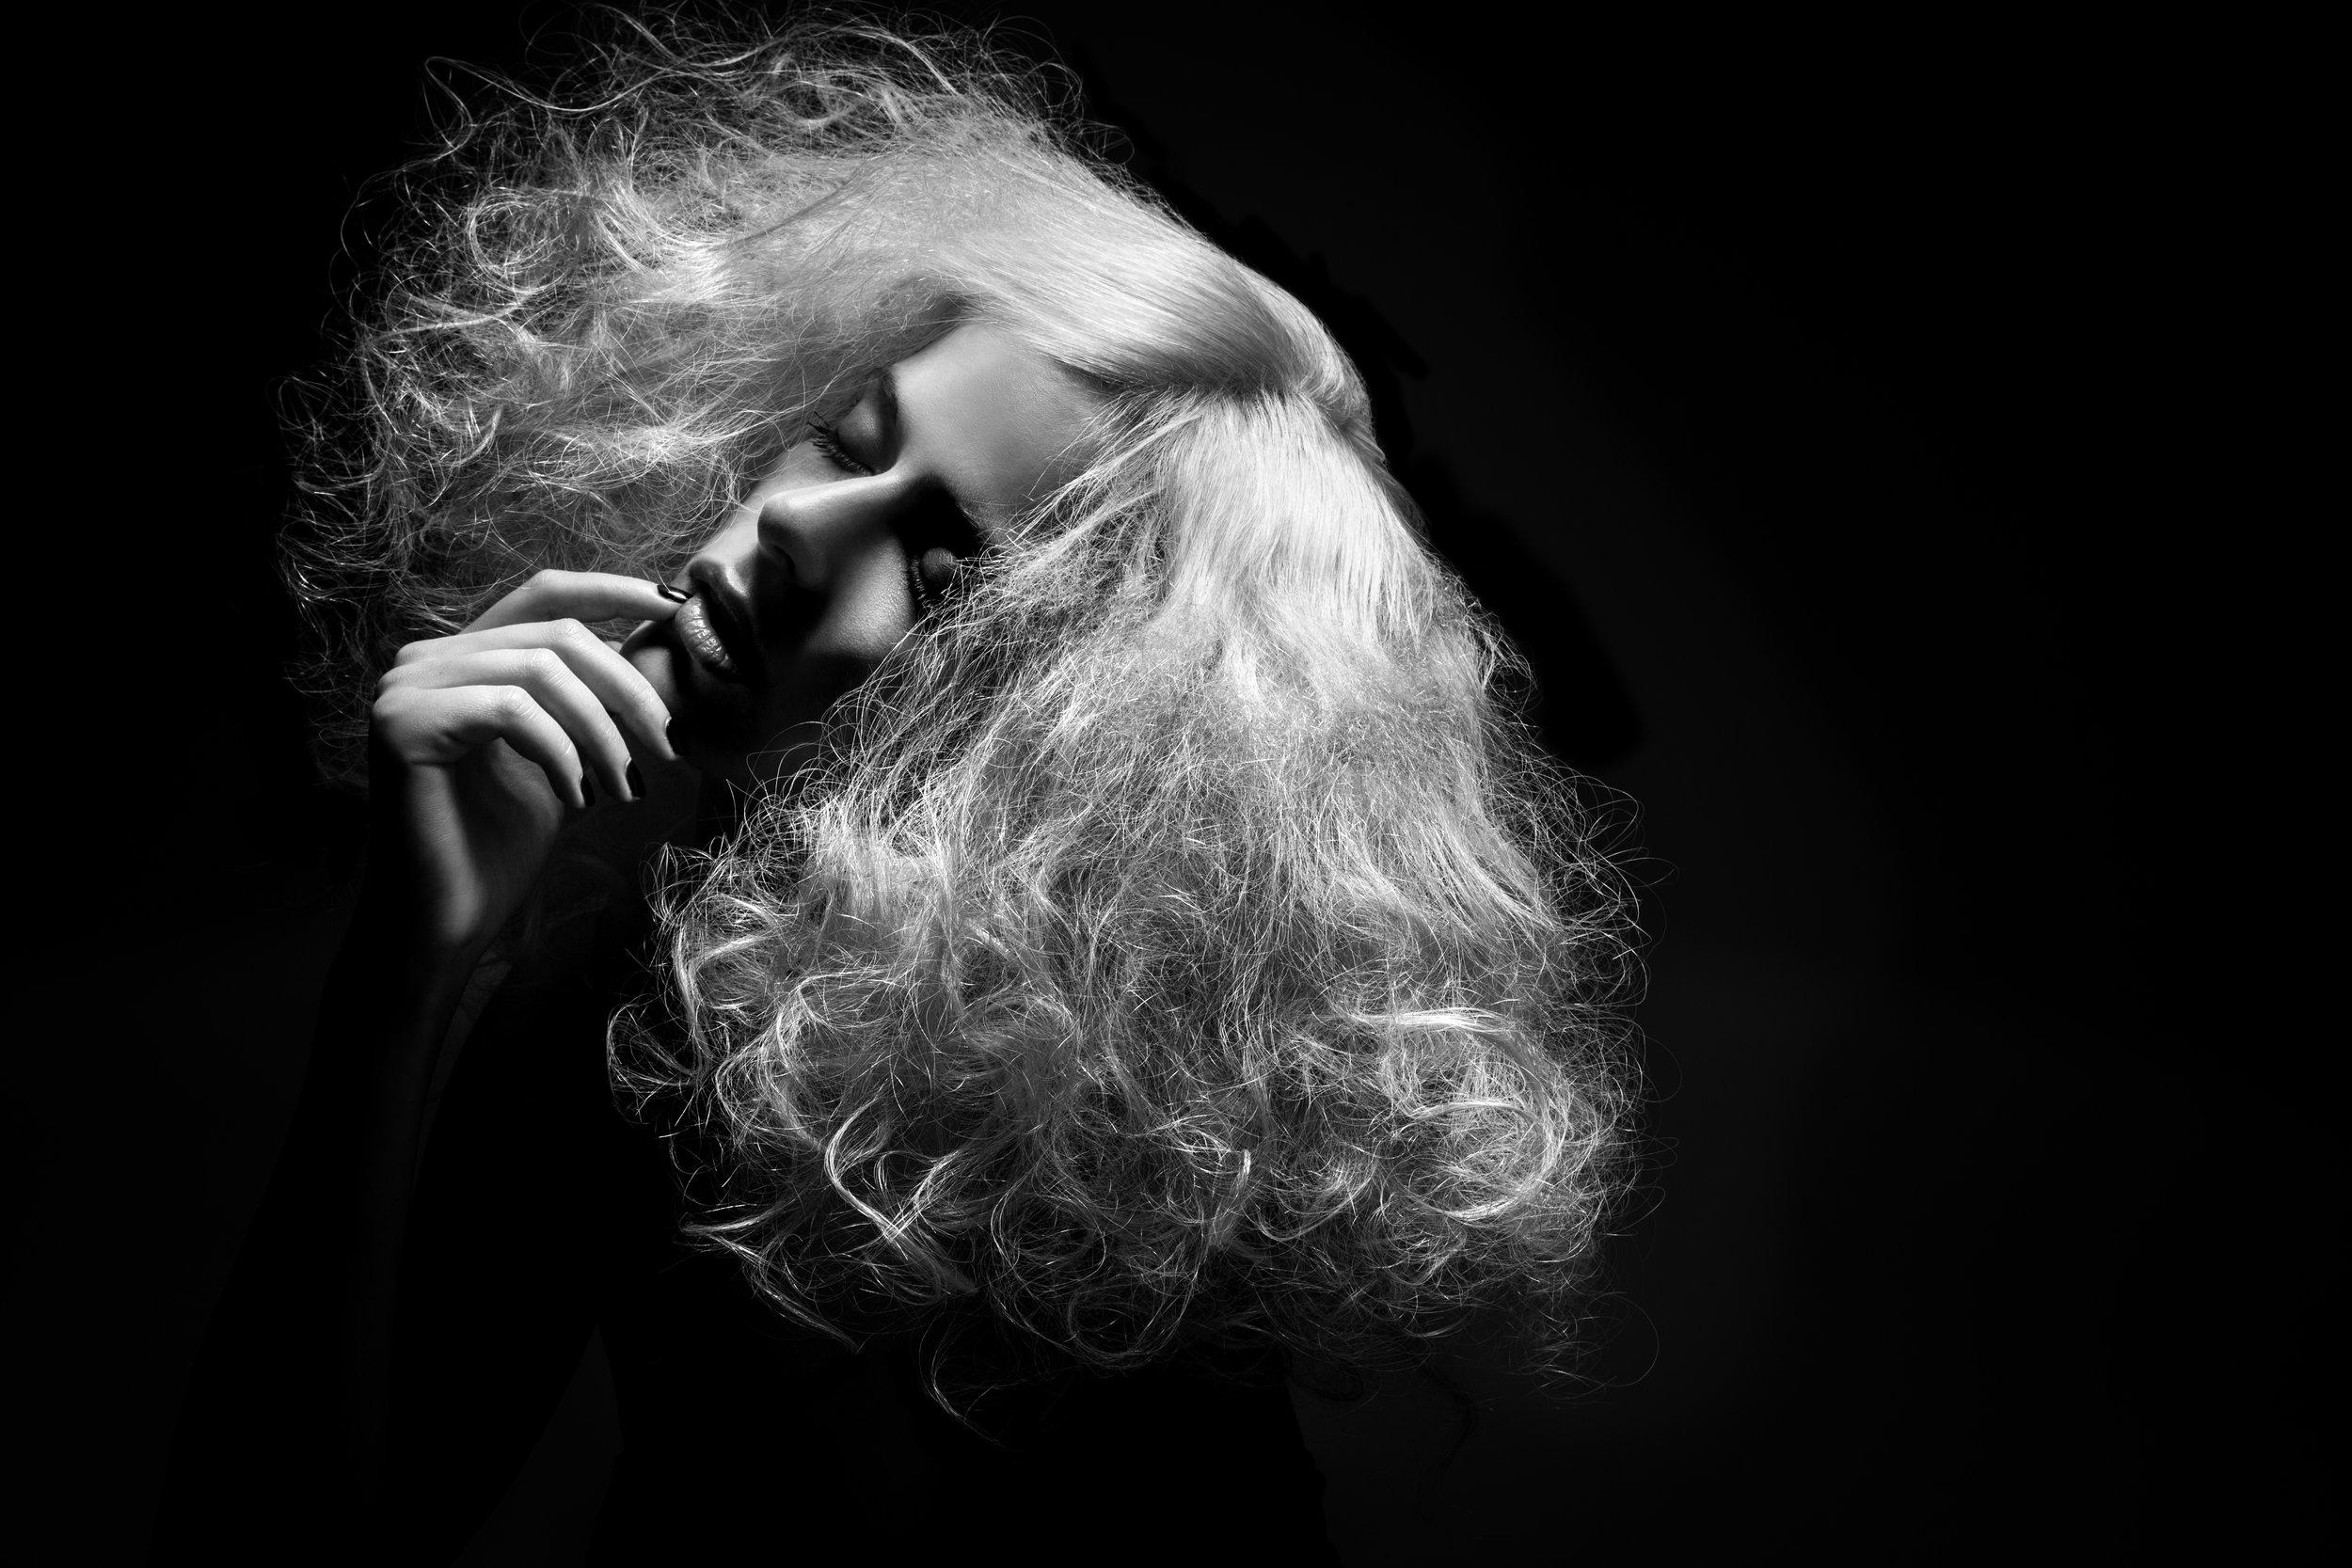 AvantGarde_Hair_2 (1).jpg